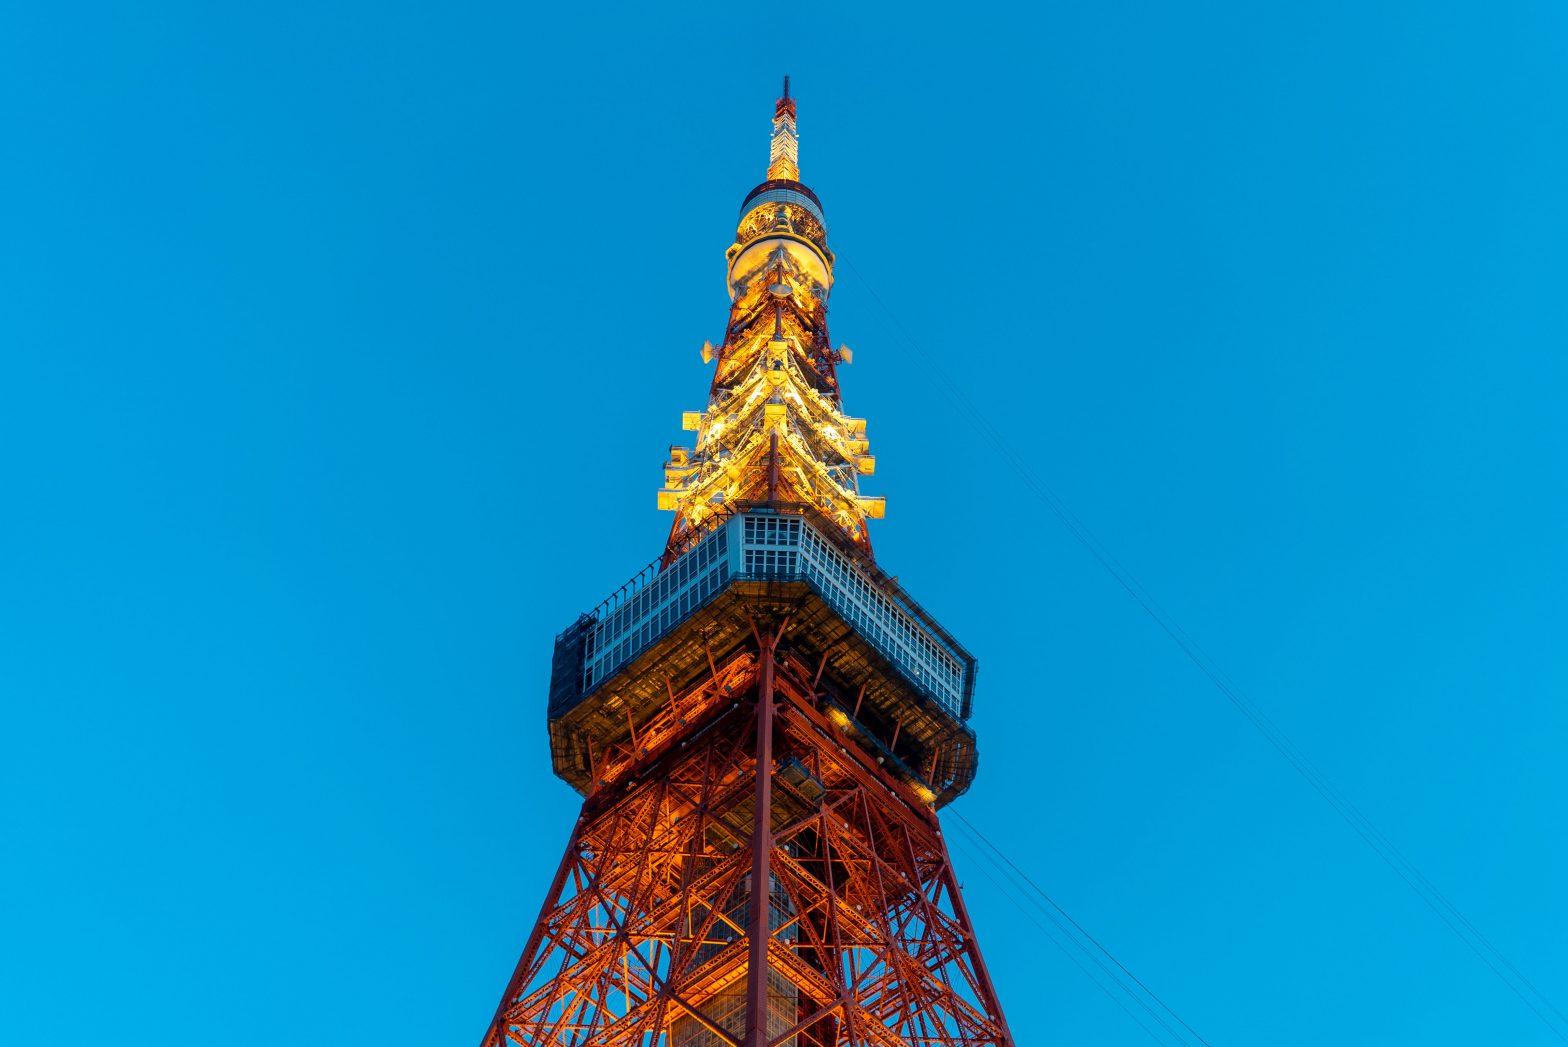 토쿄 타워